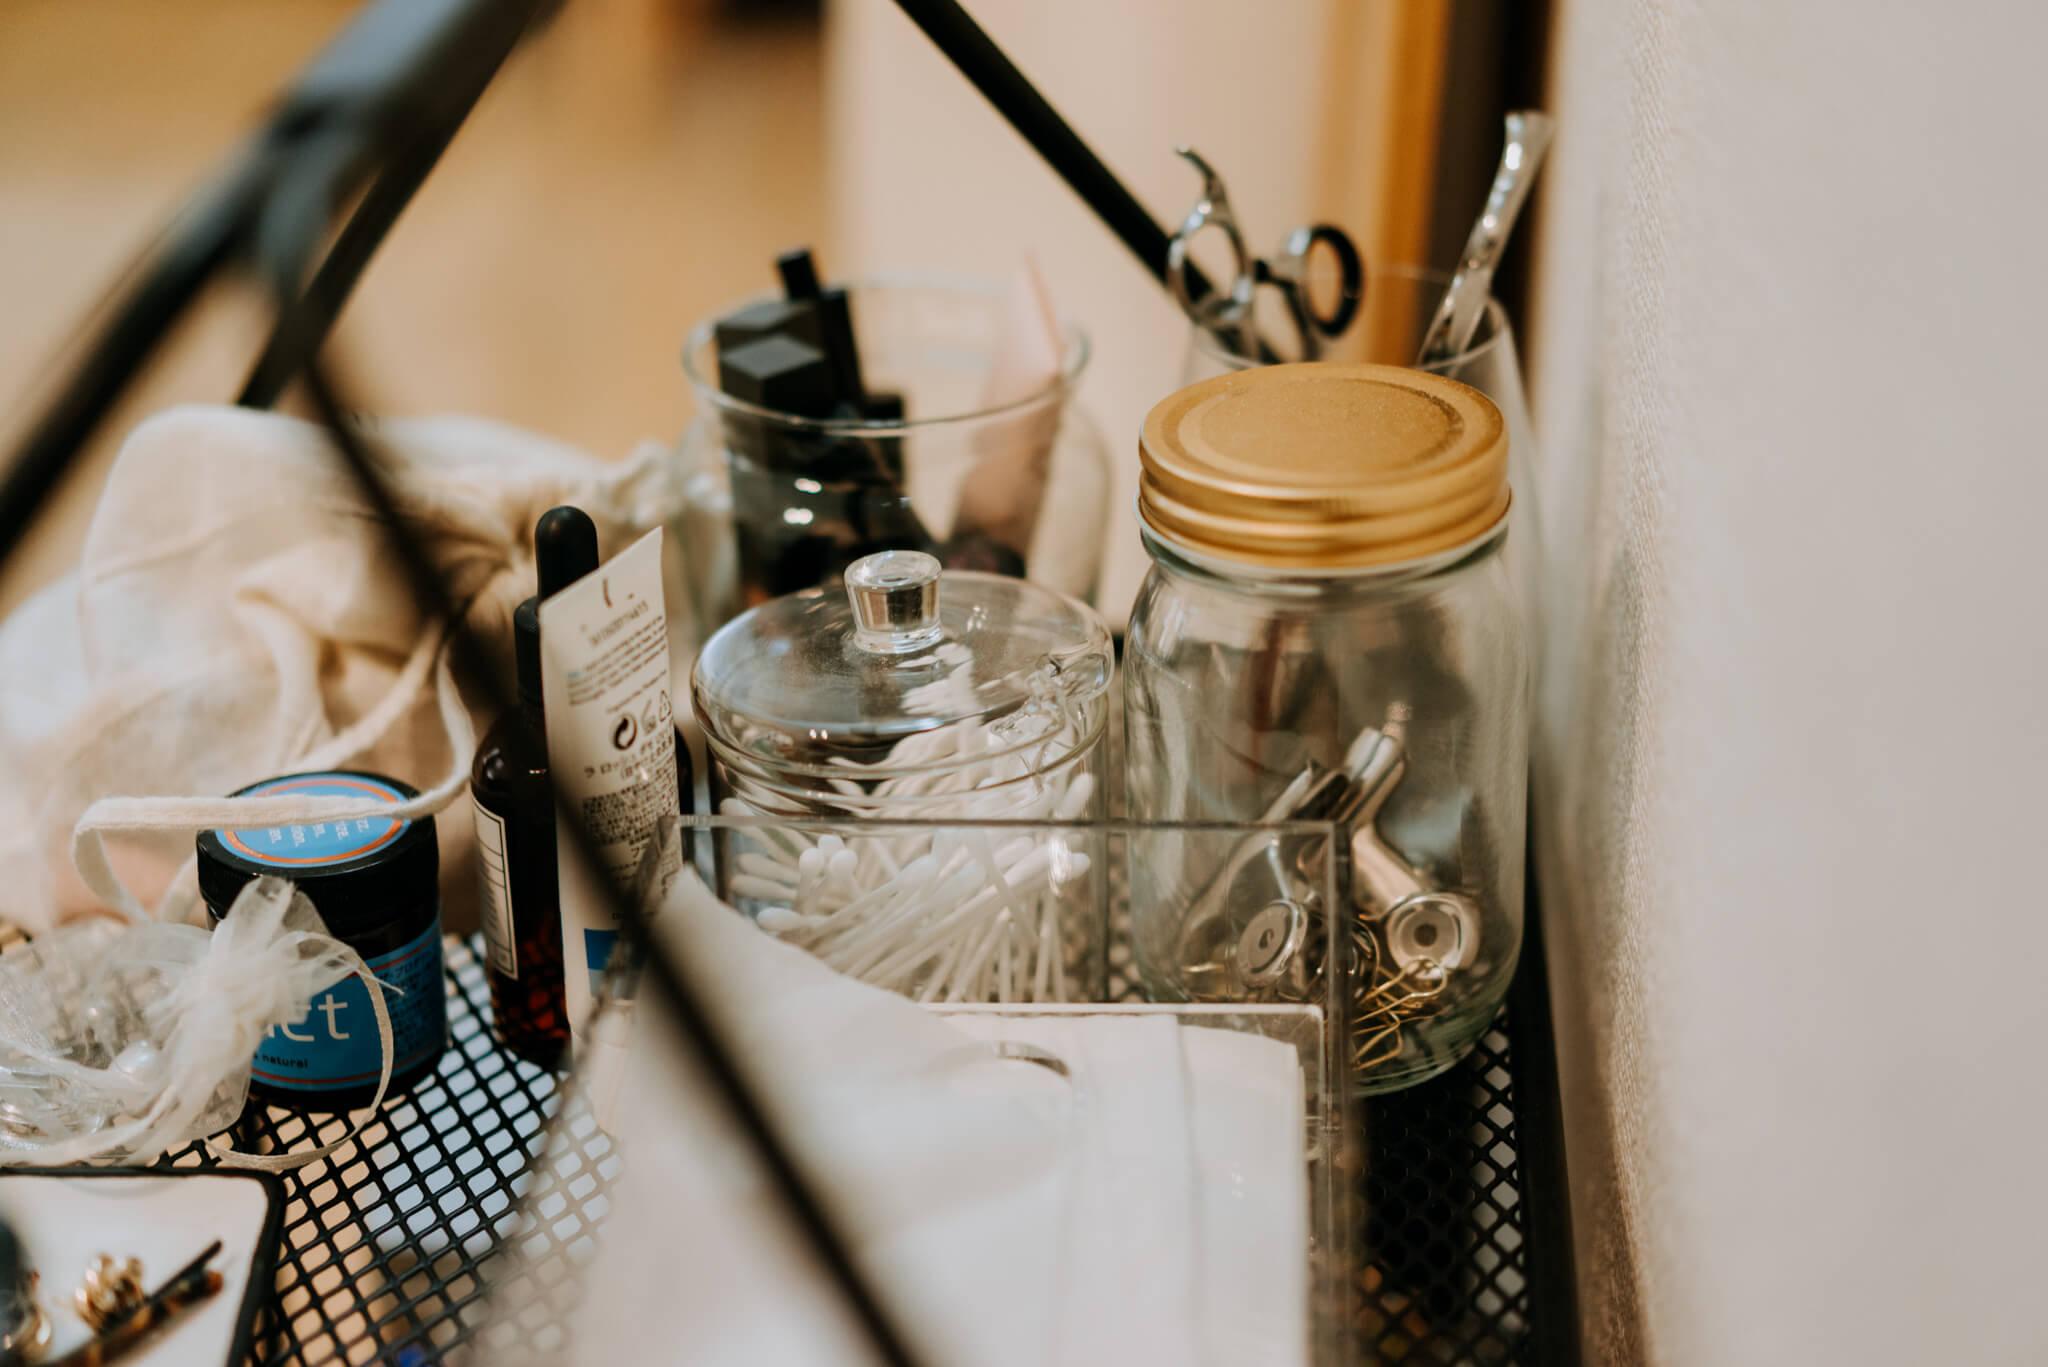 メイクのアイテムやクリップなど文房具も、プラスチックのパッケージのままではなく、ガラスの瓶に入れ変えられているので、何かのコレクションのよう。見せ方がとても上手です。